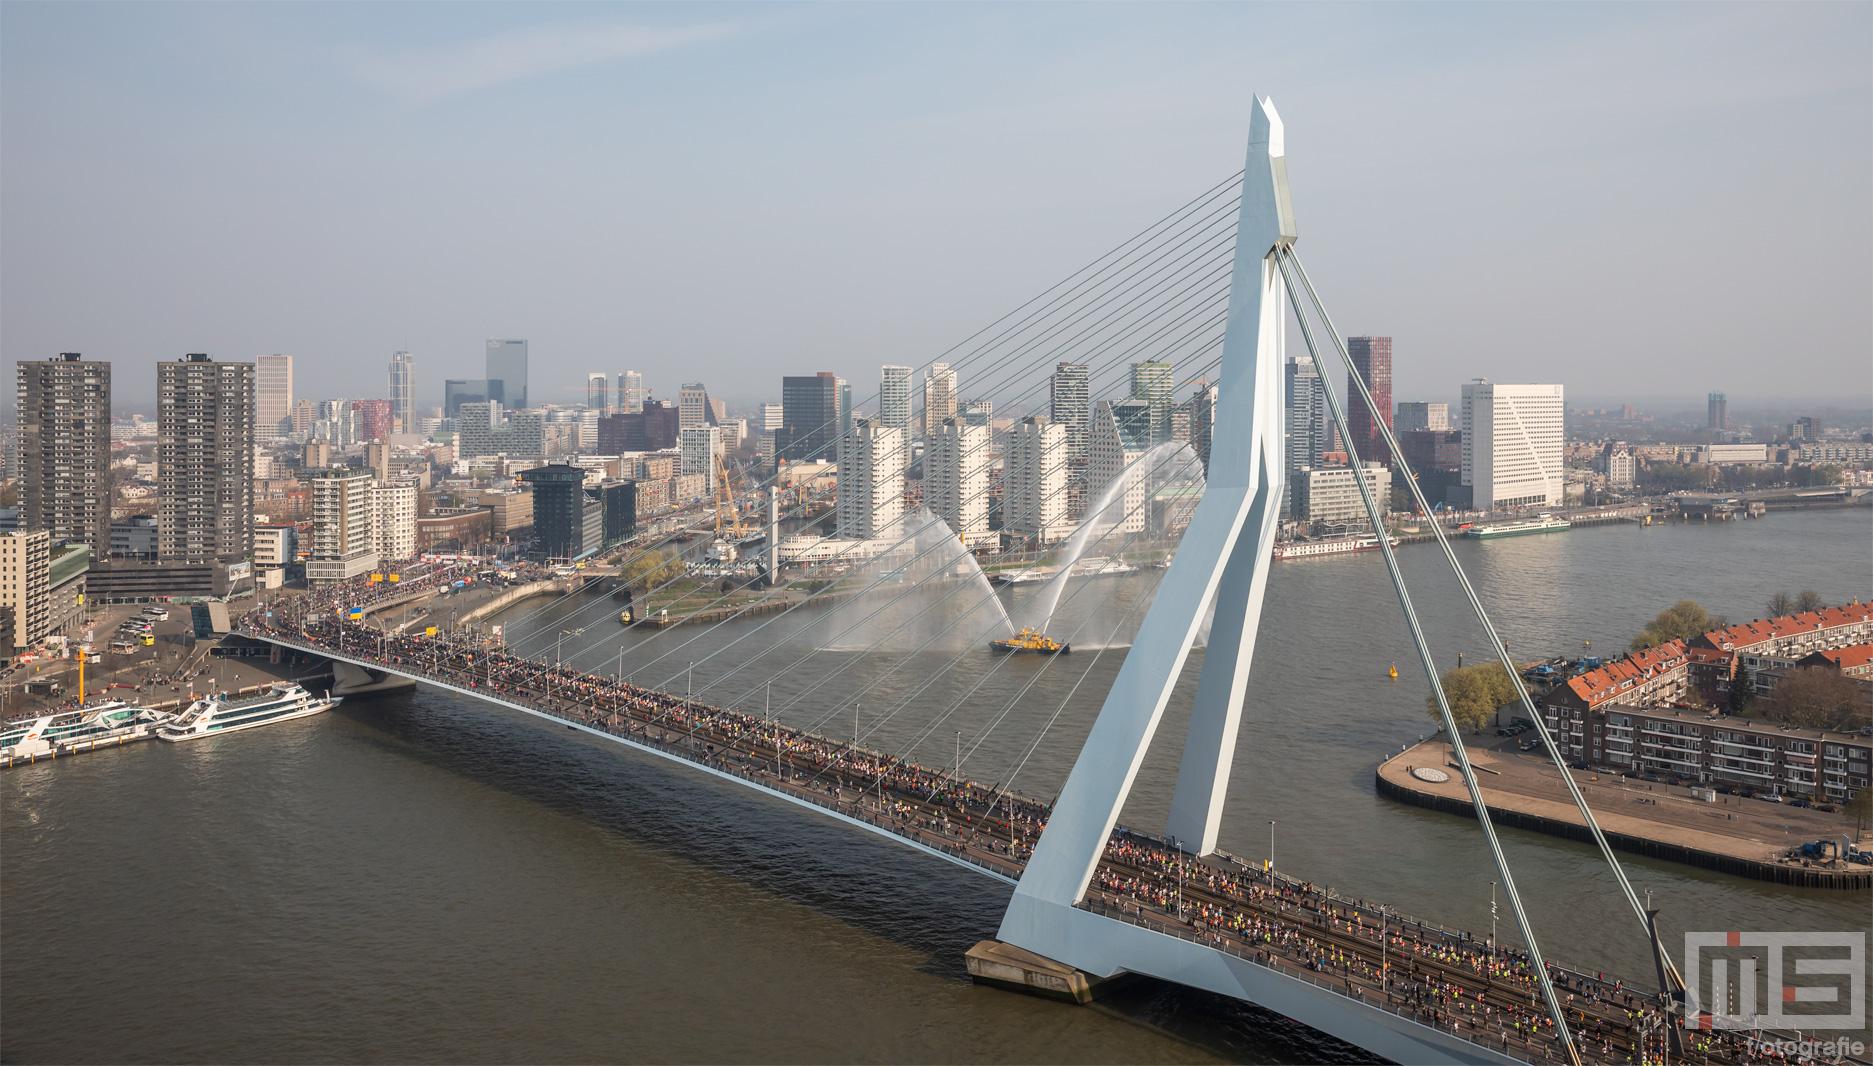 De start van de Marathon Rotterdam 2019 met lopers op de Erasmusbrug